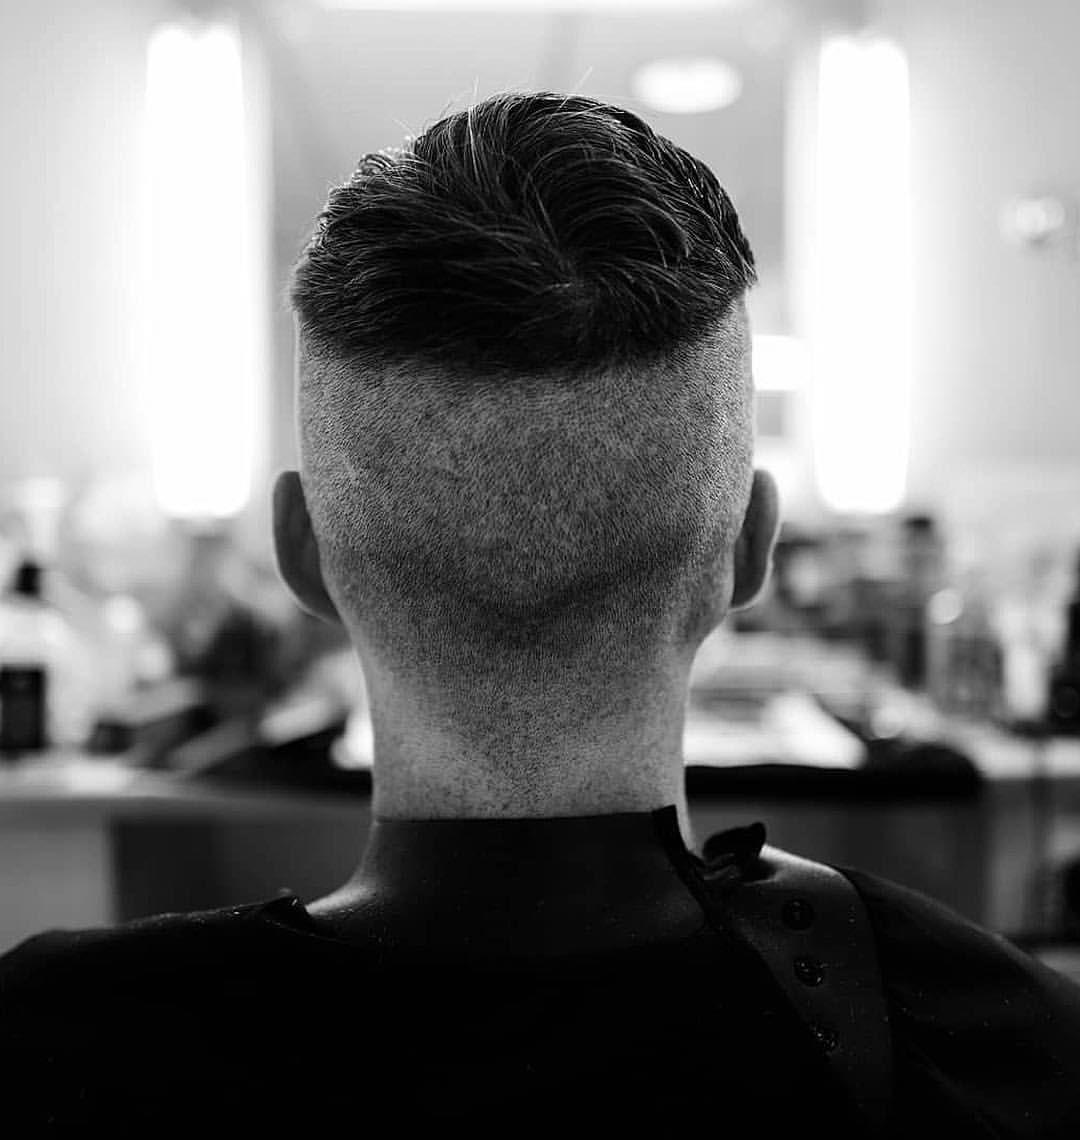 Tommy S Back Shared By Peaky Blinders Hair Makeup Artist Lozschiavomakeup Follow Loz S Peaky Blinders Hair Peaky Blinder Haircut Tommy Shelby Hair